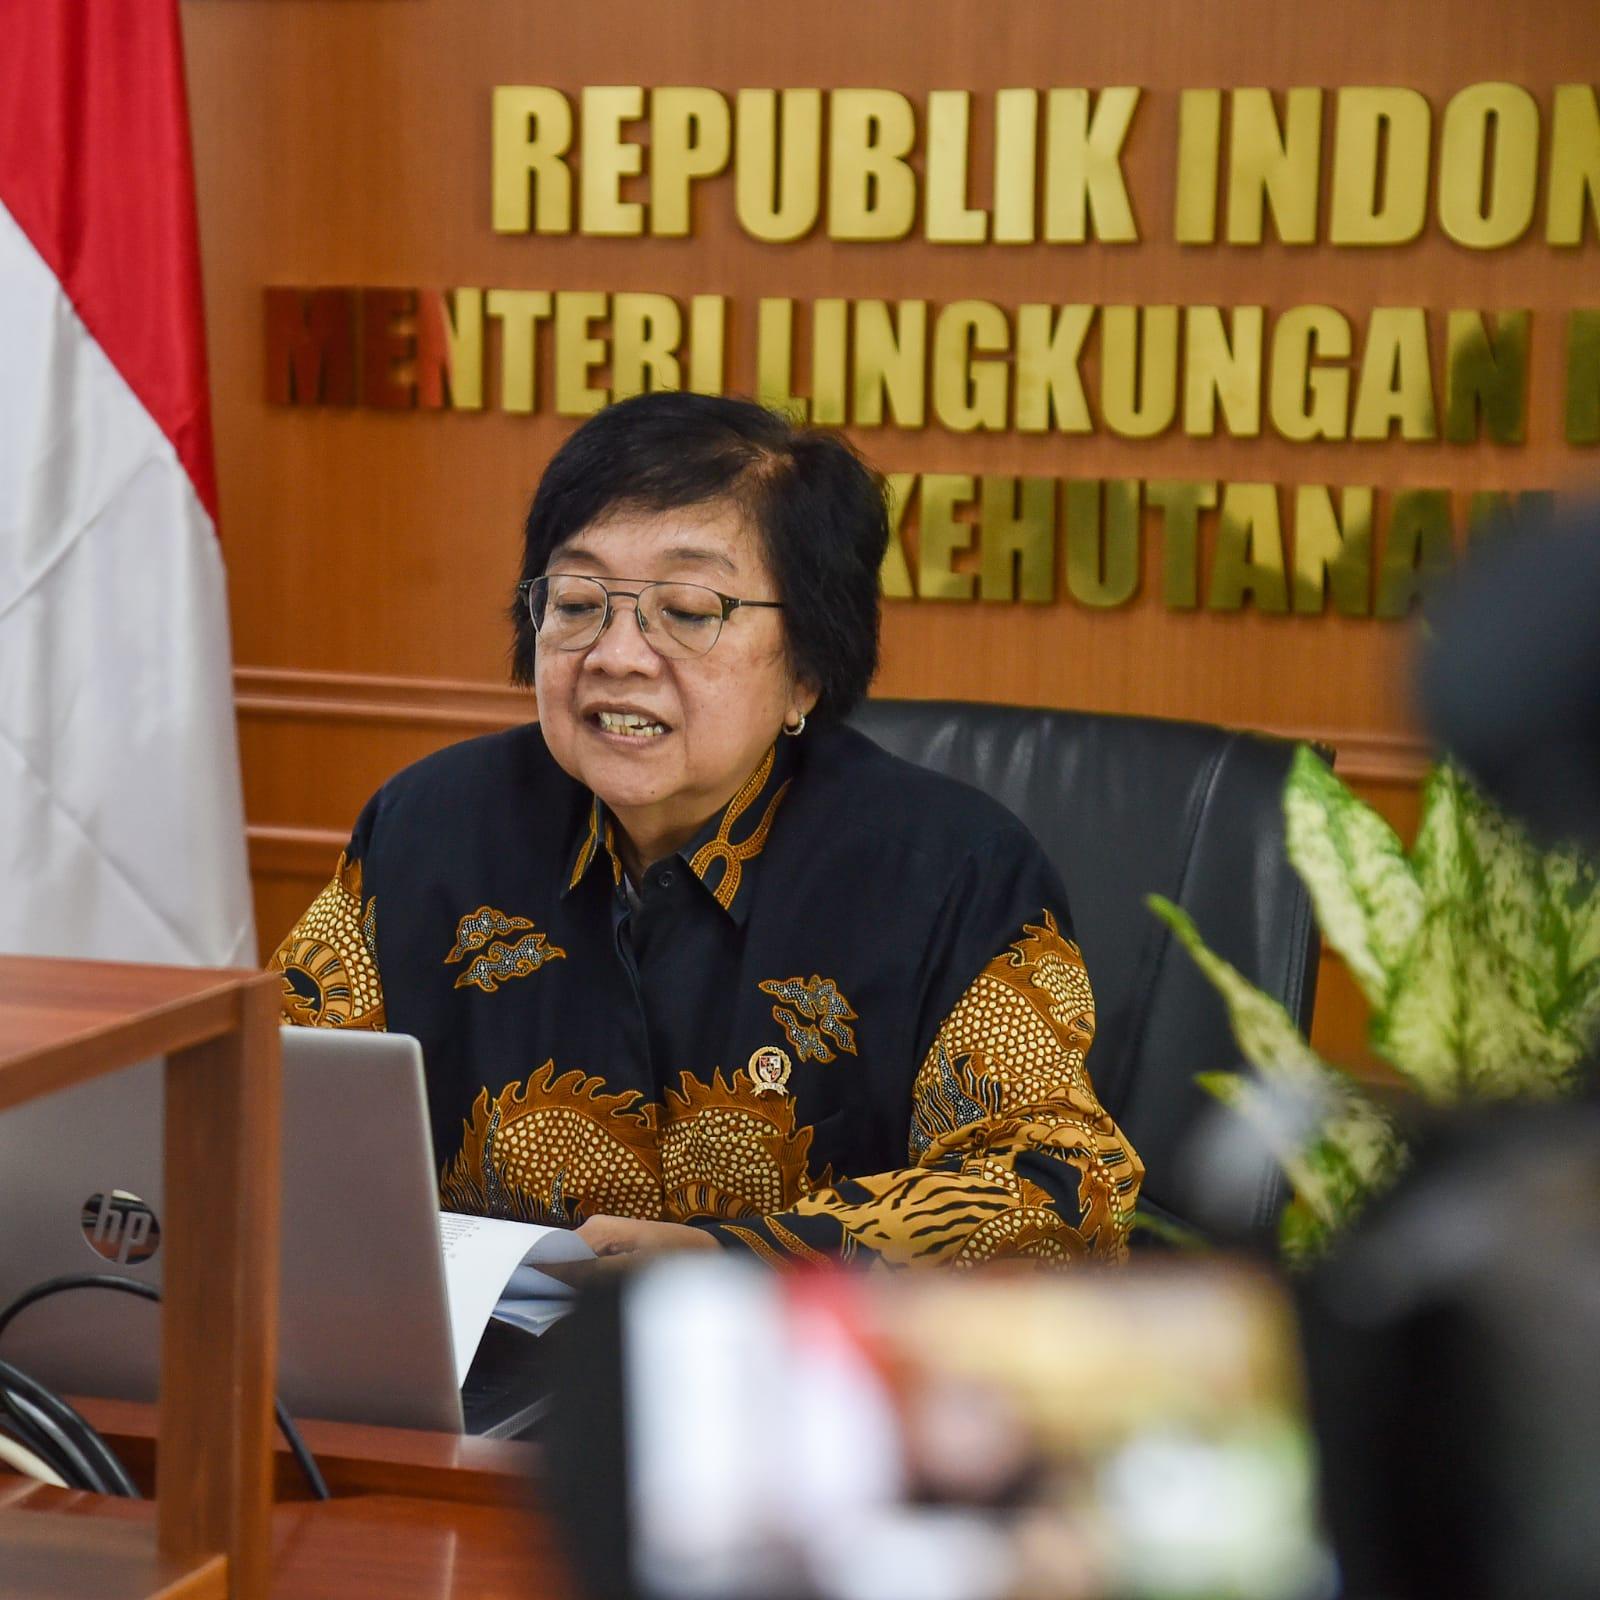 Menteri LHK: Kepentingan Nasional Menuju Netral Karbon 2060 Tanggung Jawab Bersama